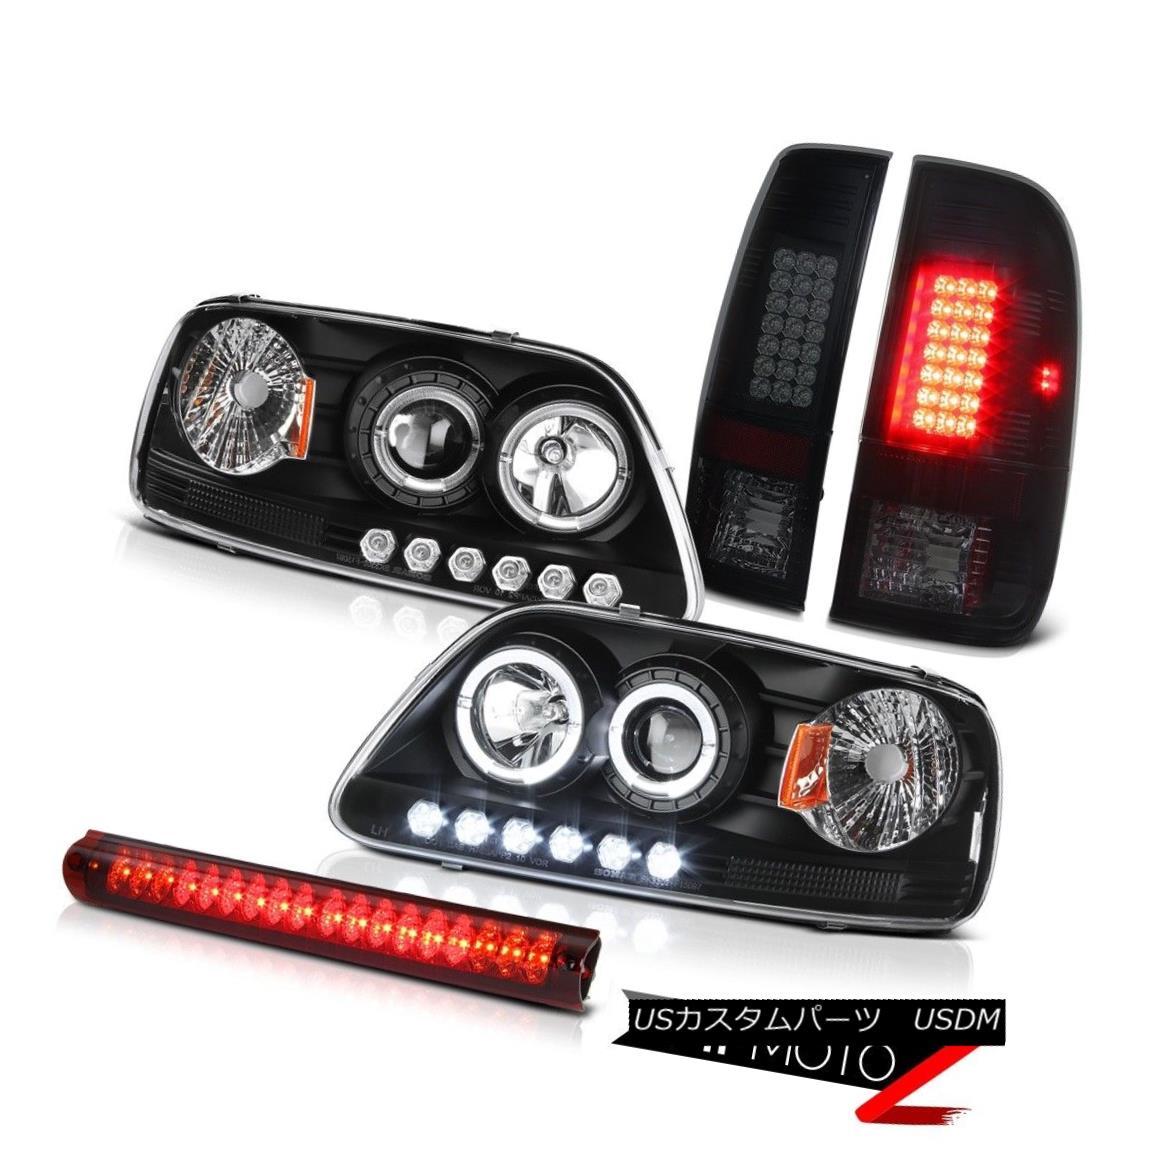 テールライト DRL LED Angel Eye Headlight Smoke Brake Lamp High Stop Light Red 97-03 Ford F150 DRL LEDエンジェルアイヘッドライトスモークブレーキランプハイストップライトレッド97-03 Ford F150